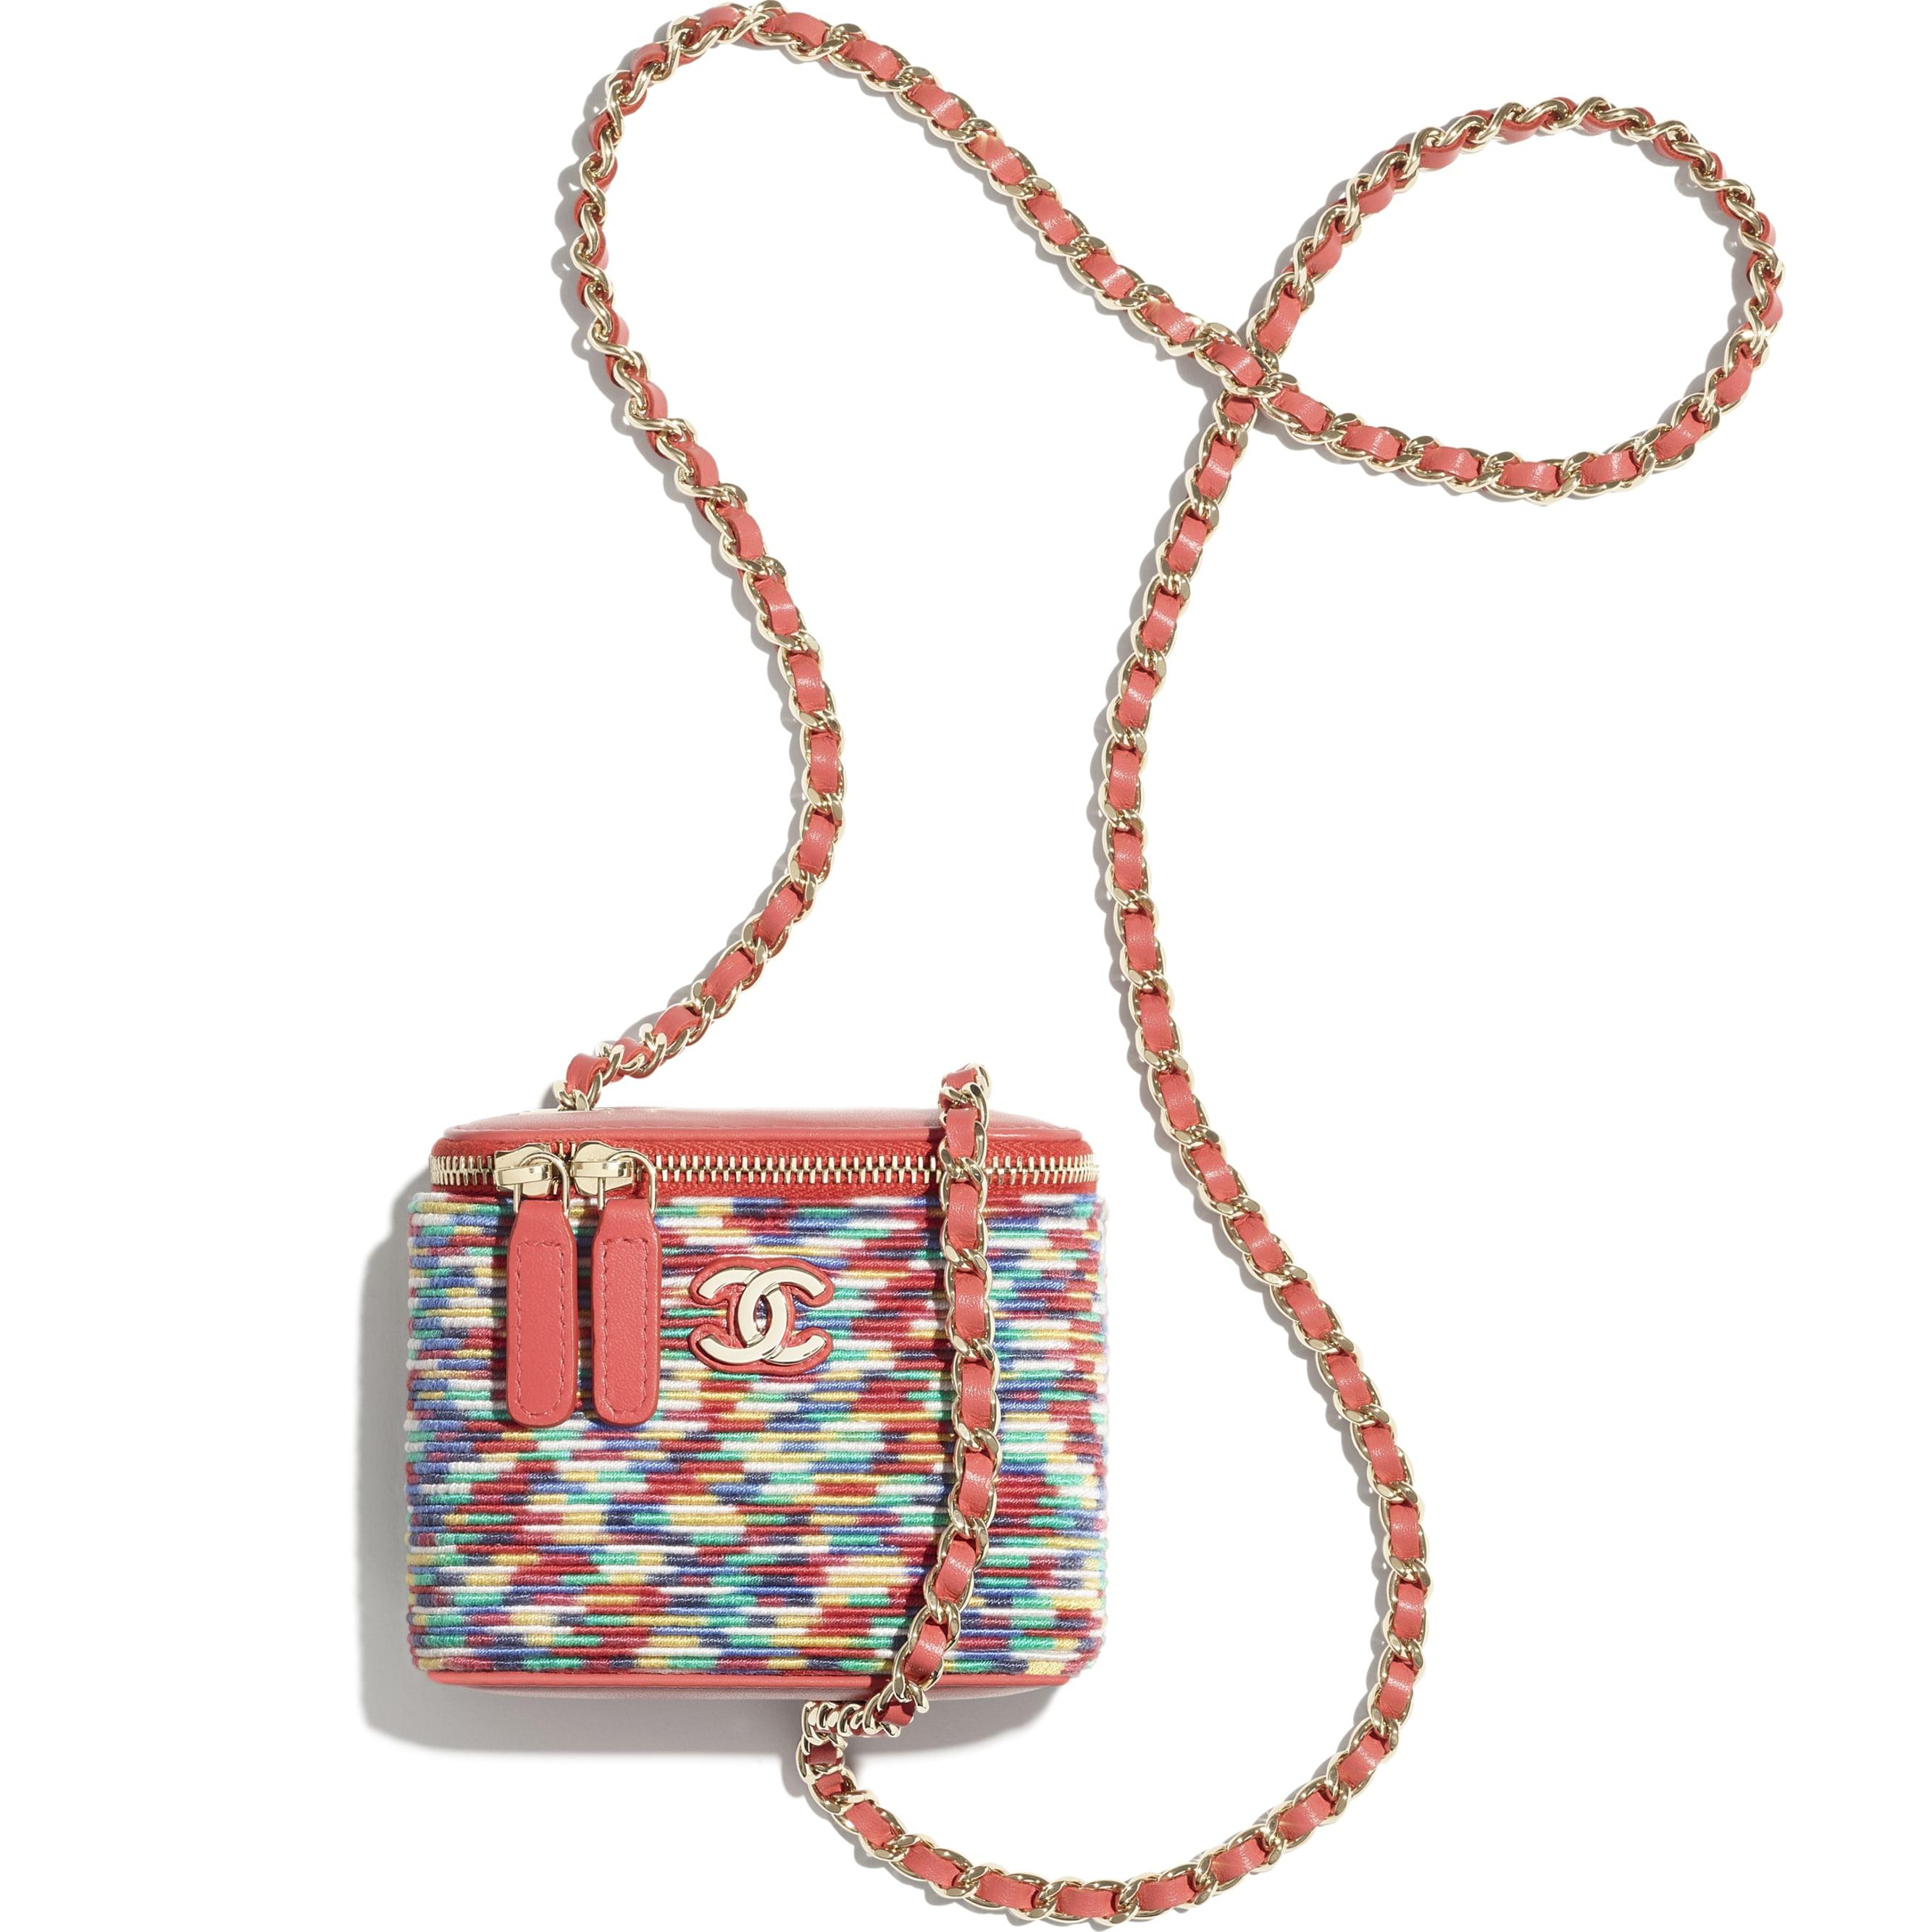 小型鍊子化妝包 - 多色 - Embroidered Thread & Gold-Tone Metal - CHANEL - 其他視圖 - 查看標準尺寸版本